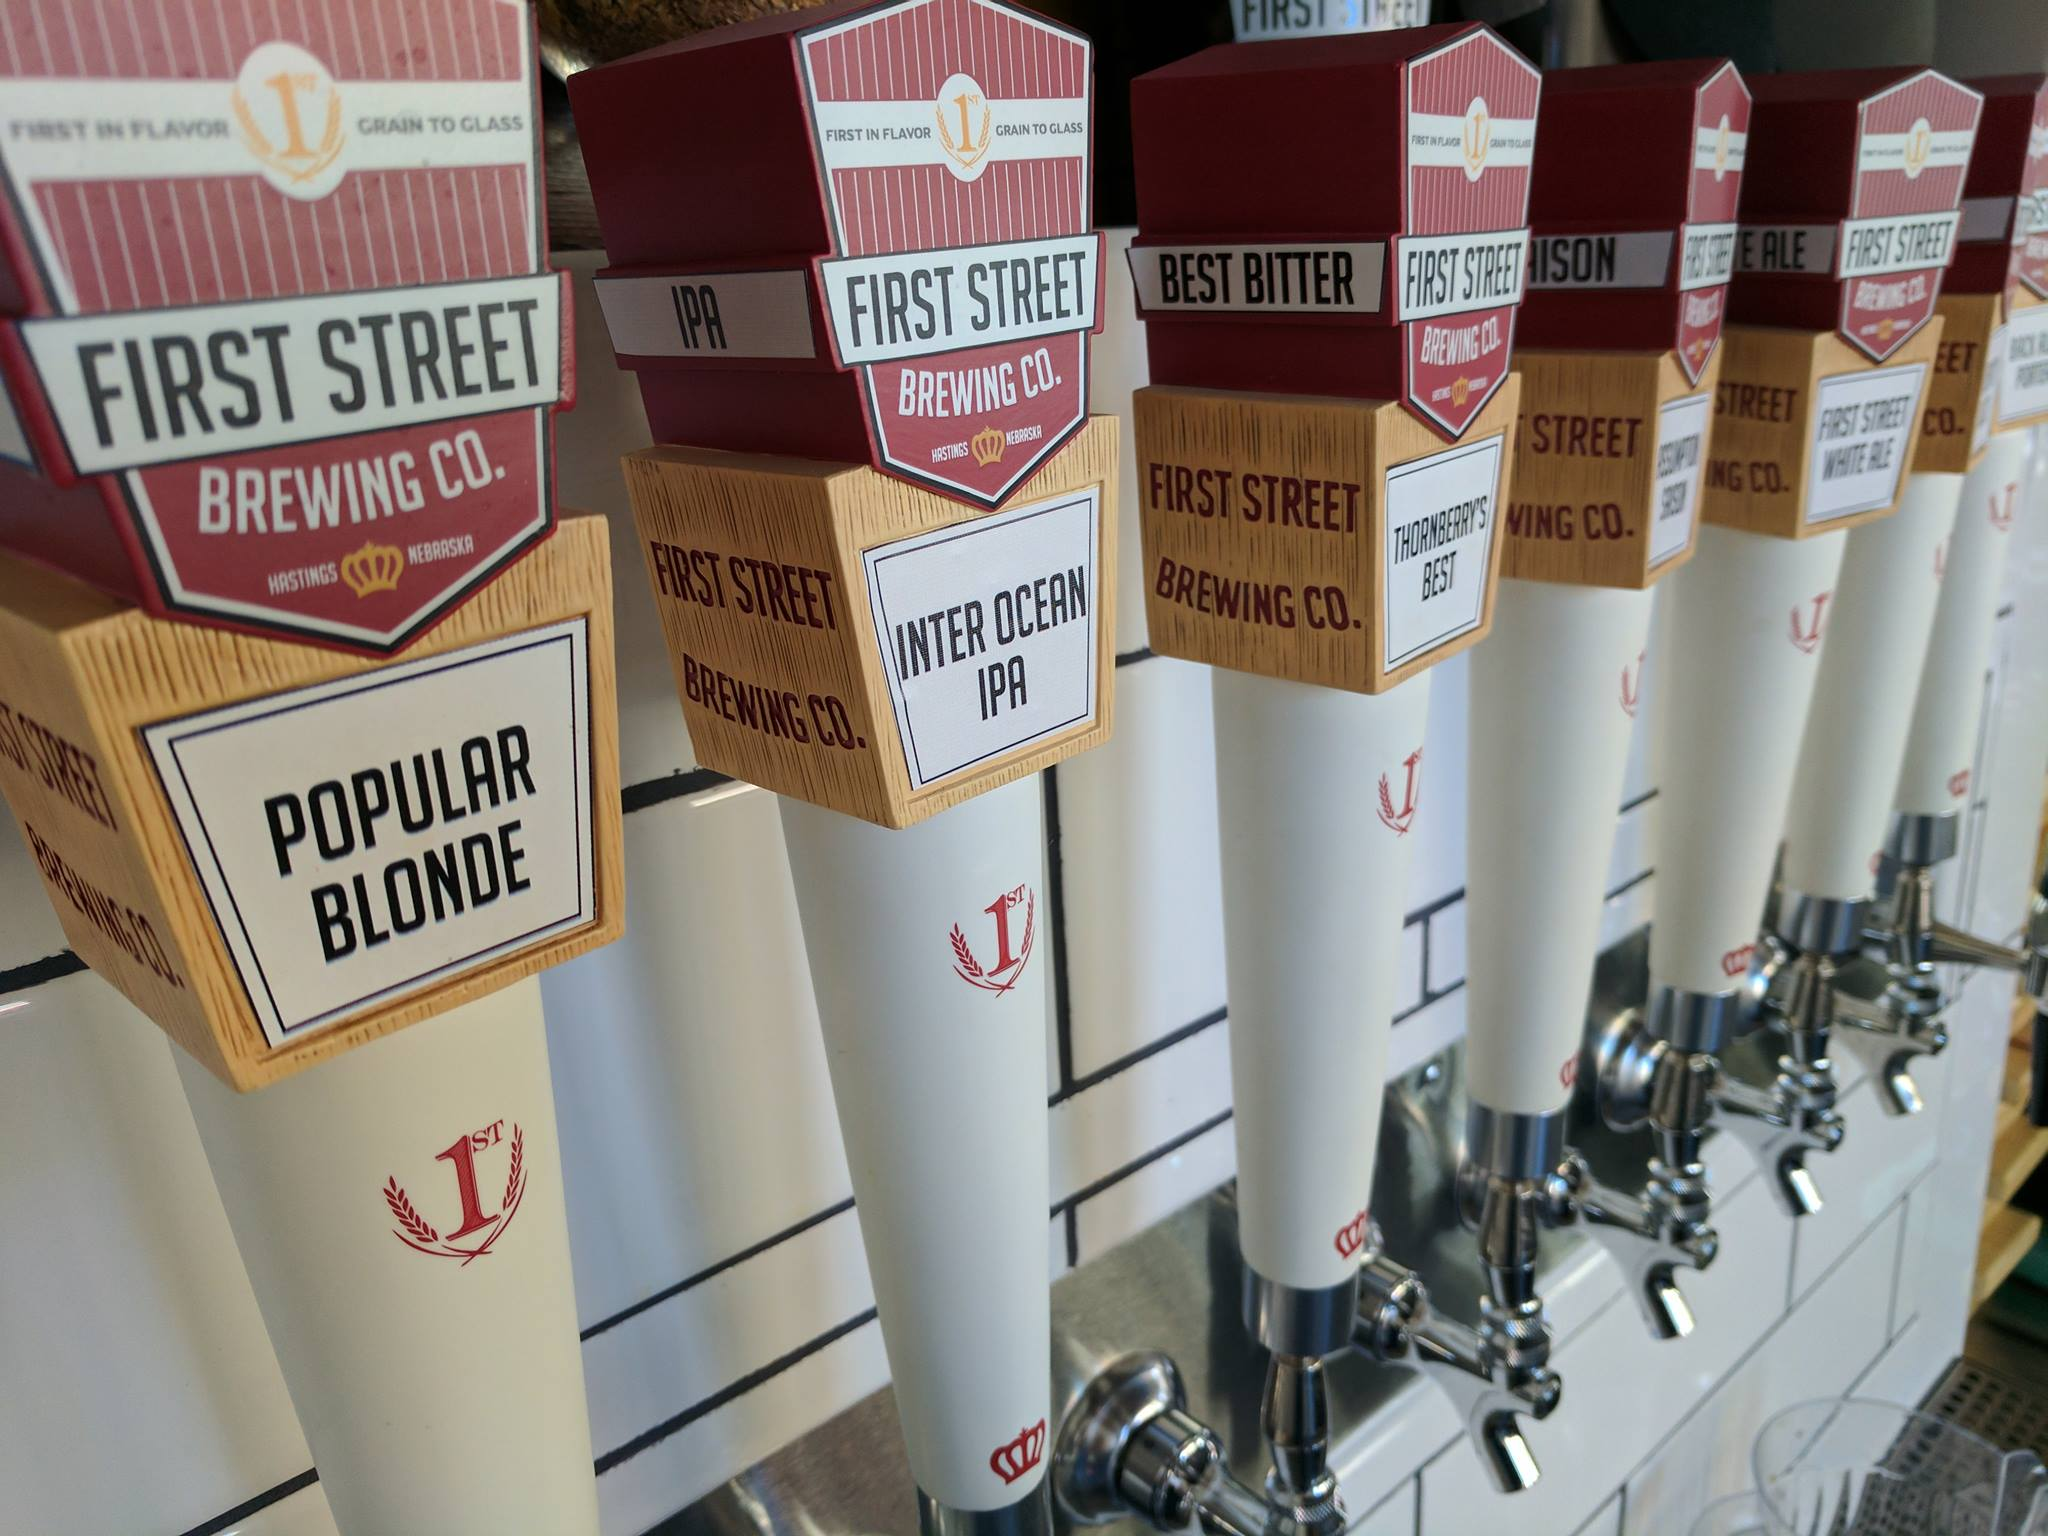 First Street + Free Beer & Chicken -